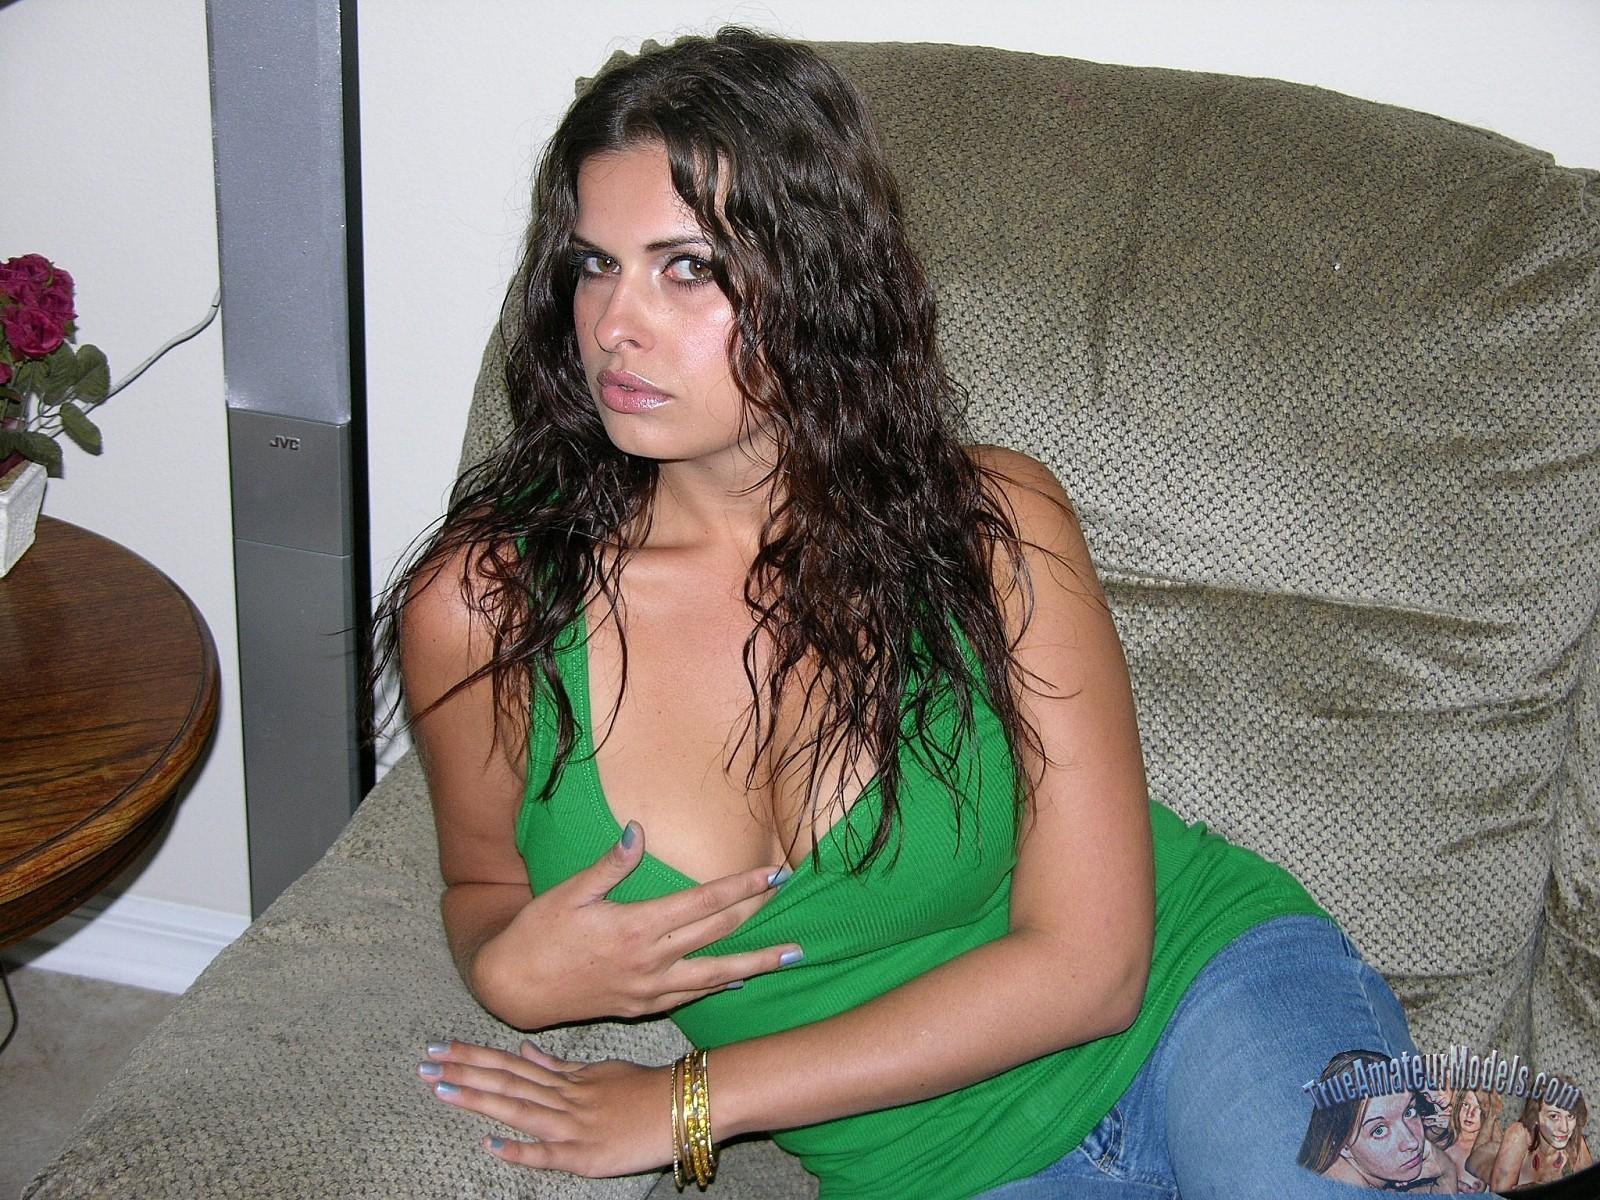 Сочные женщины - Галерея № 3490236